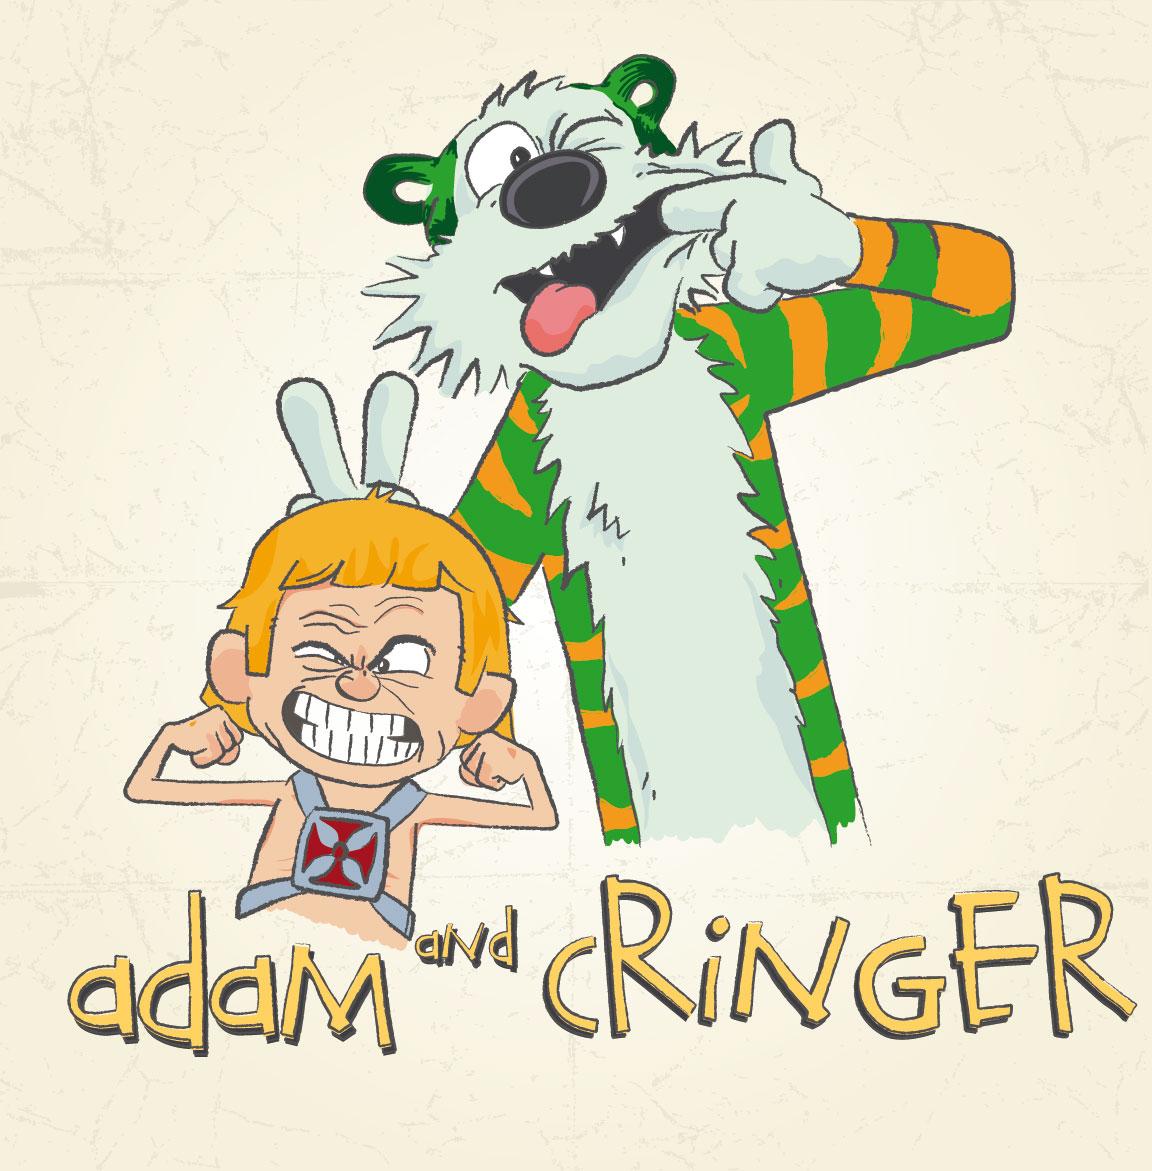 Adam&Cringer